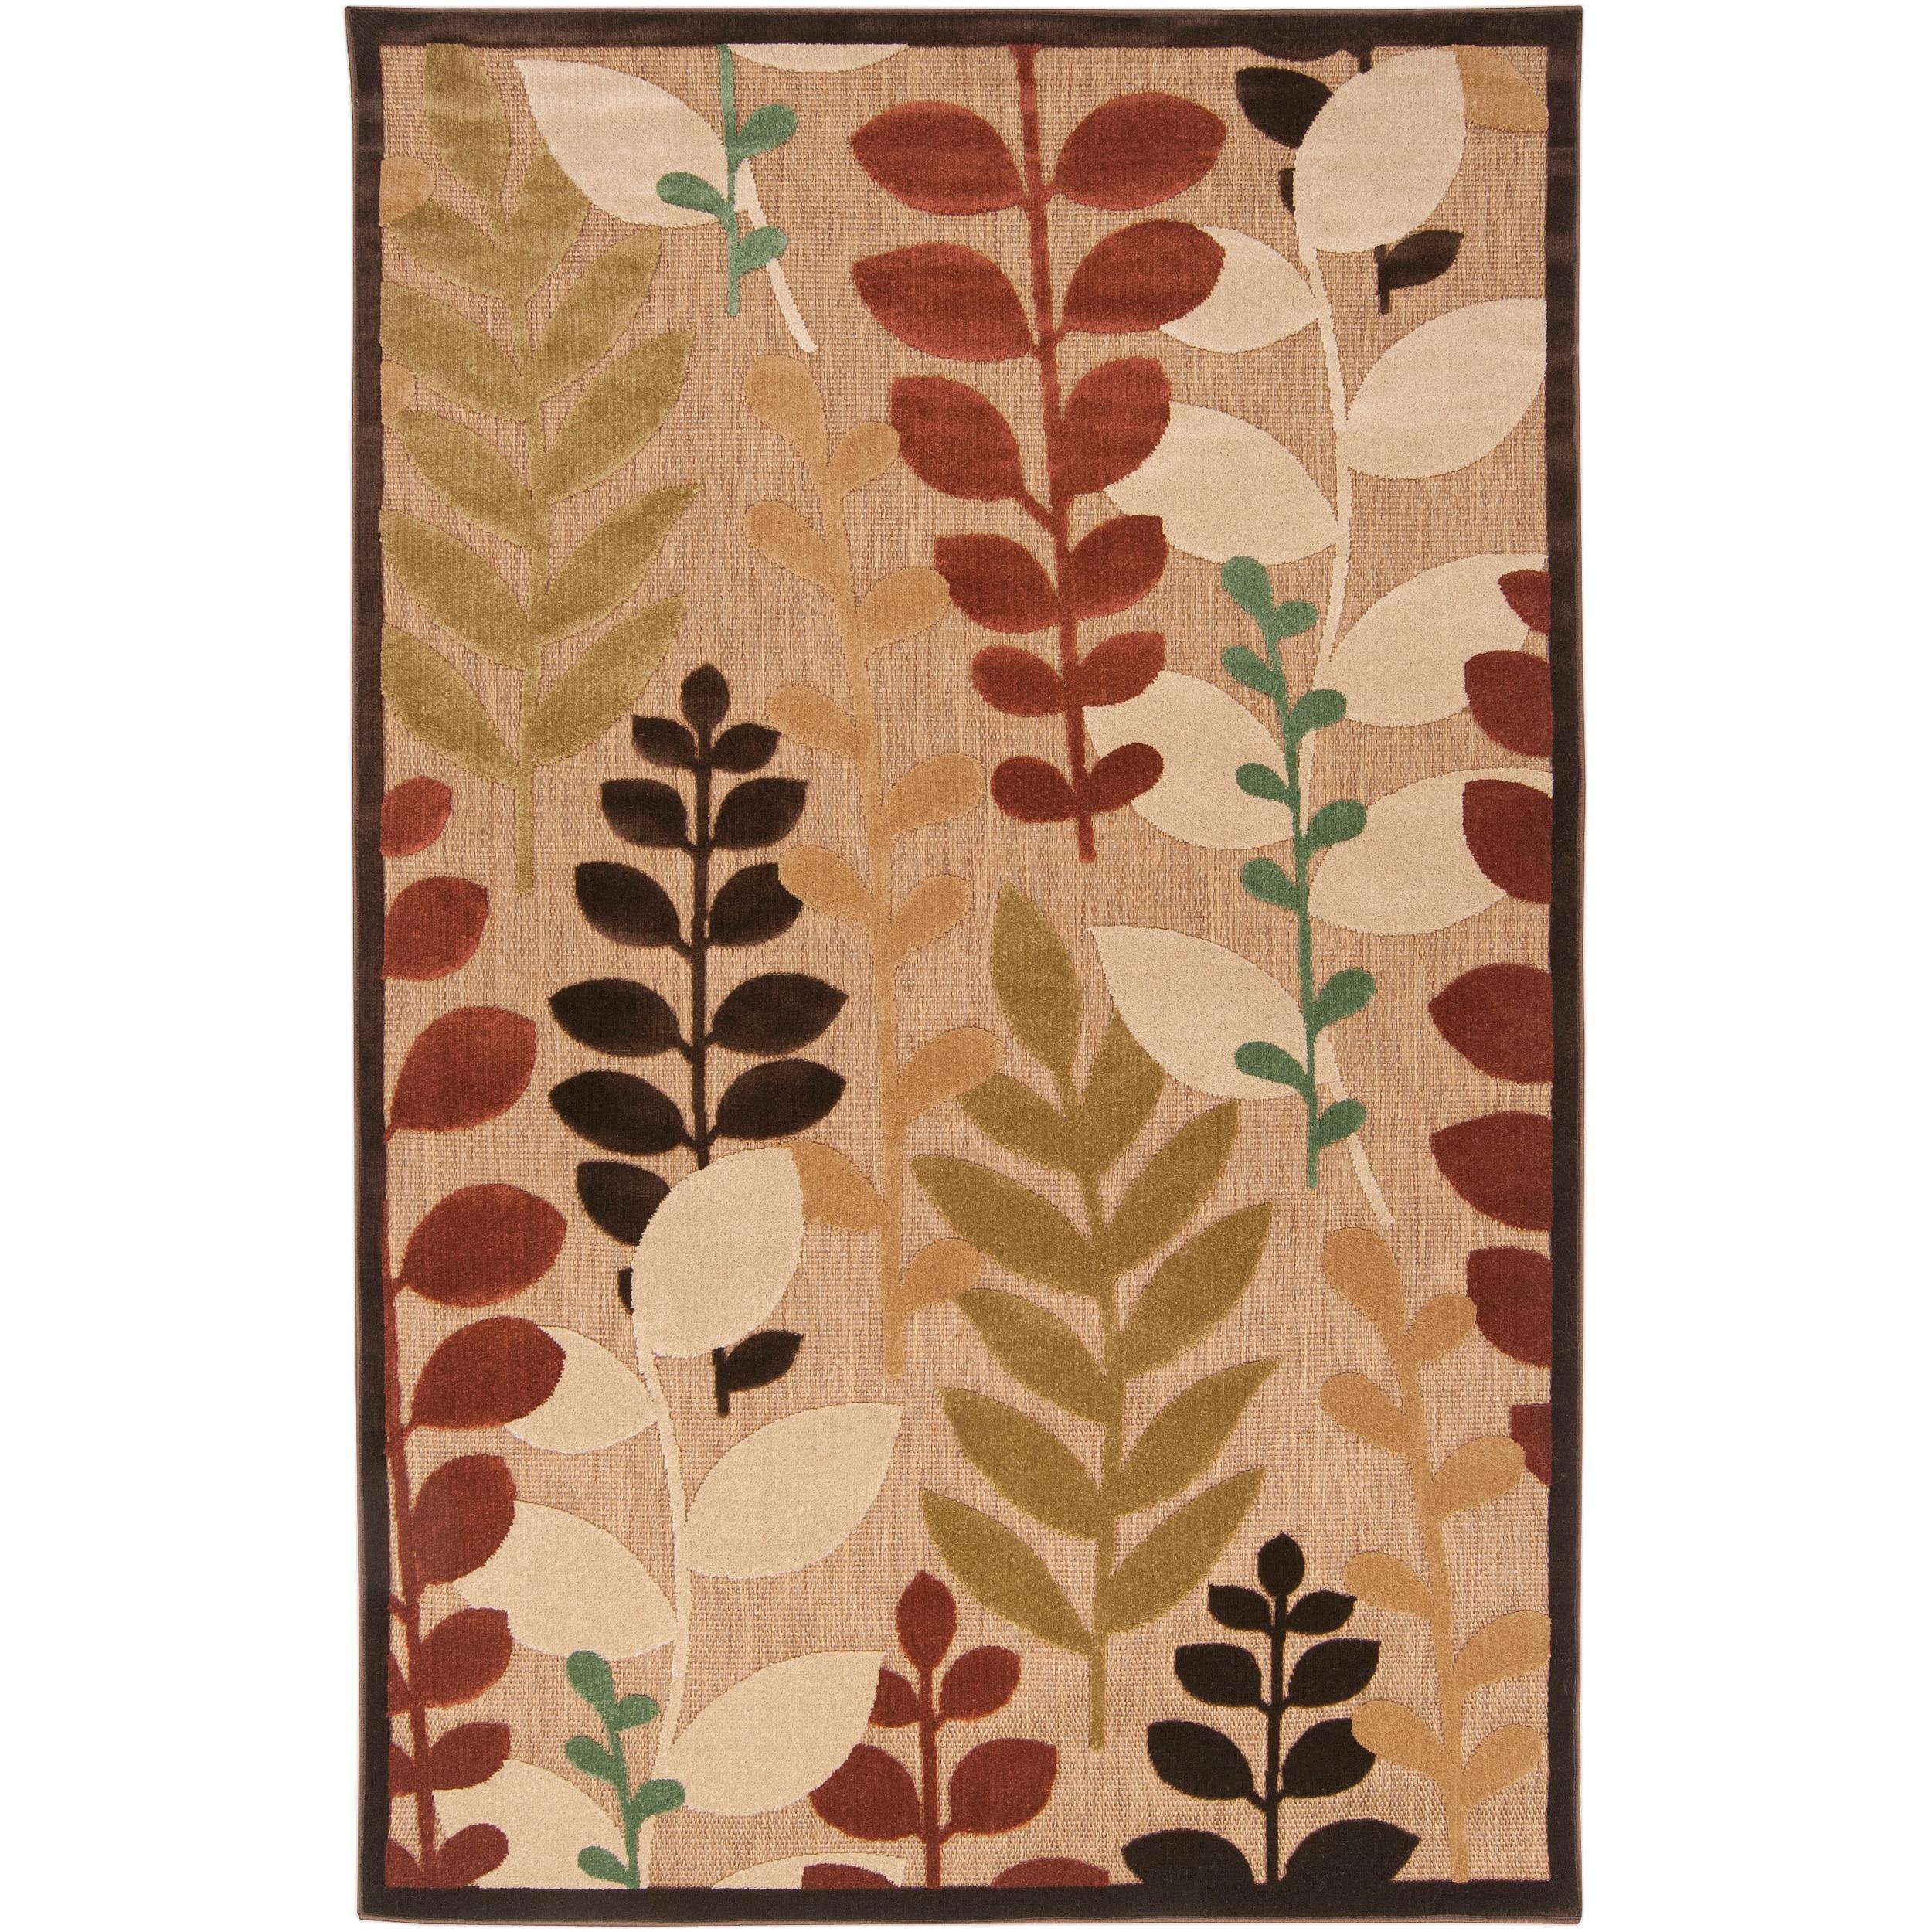 Woven Beige Cladagh Indoor Outdoor Floral Rug 7 10 x 10 8